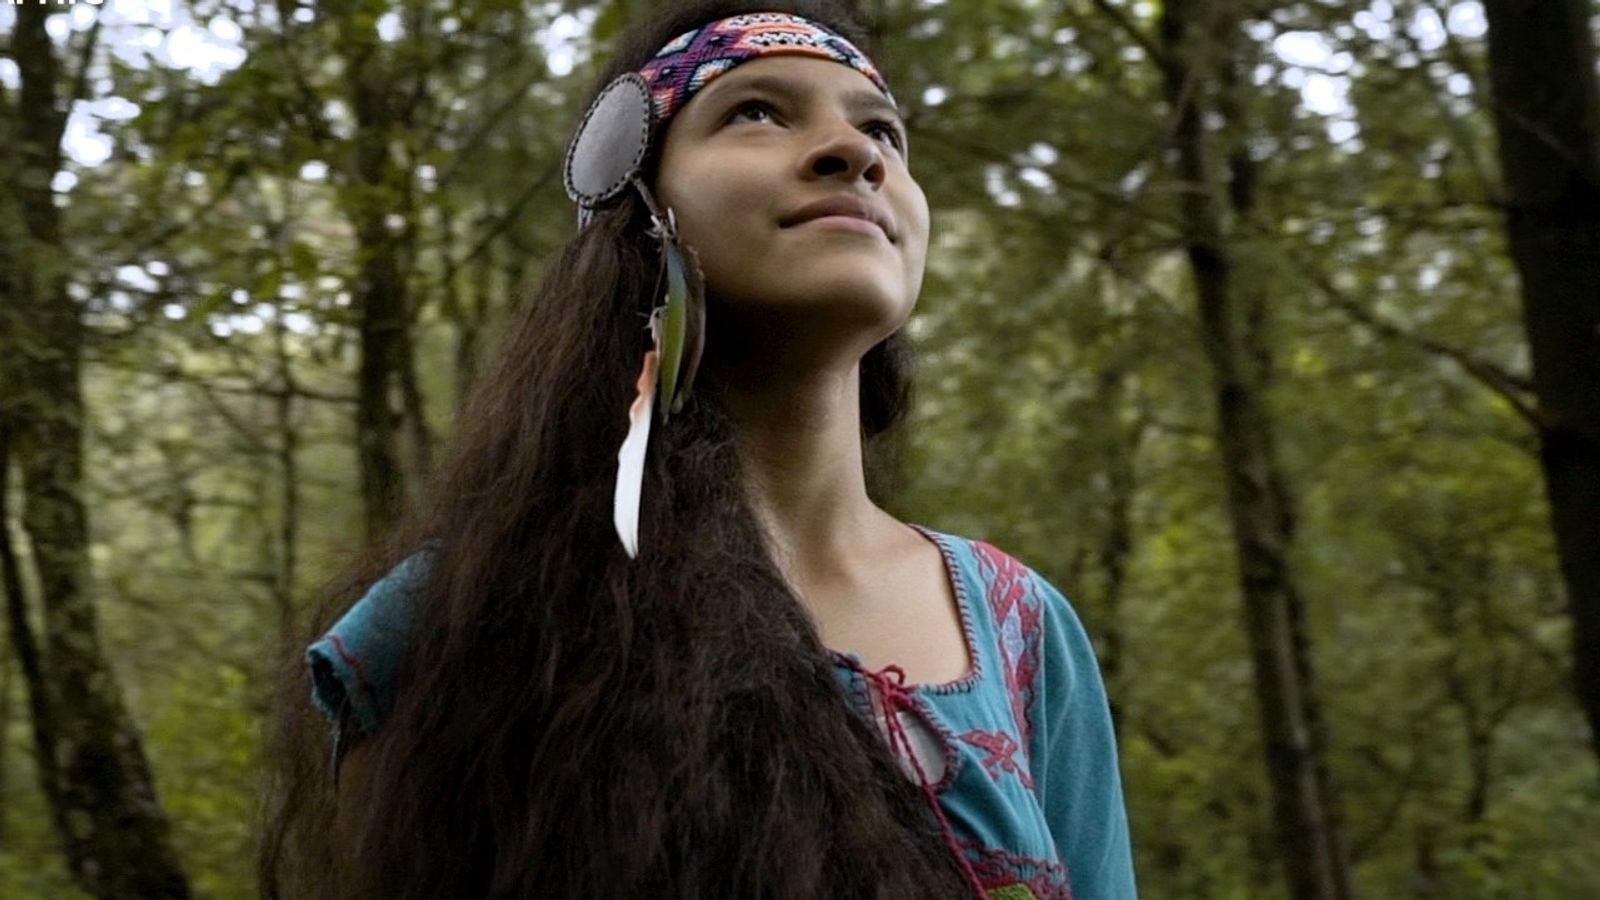 La naturaleza adentro nuestro | Creer para Ver